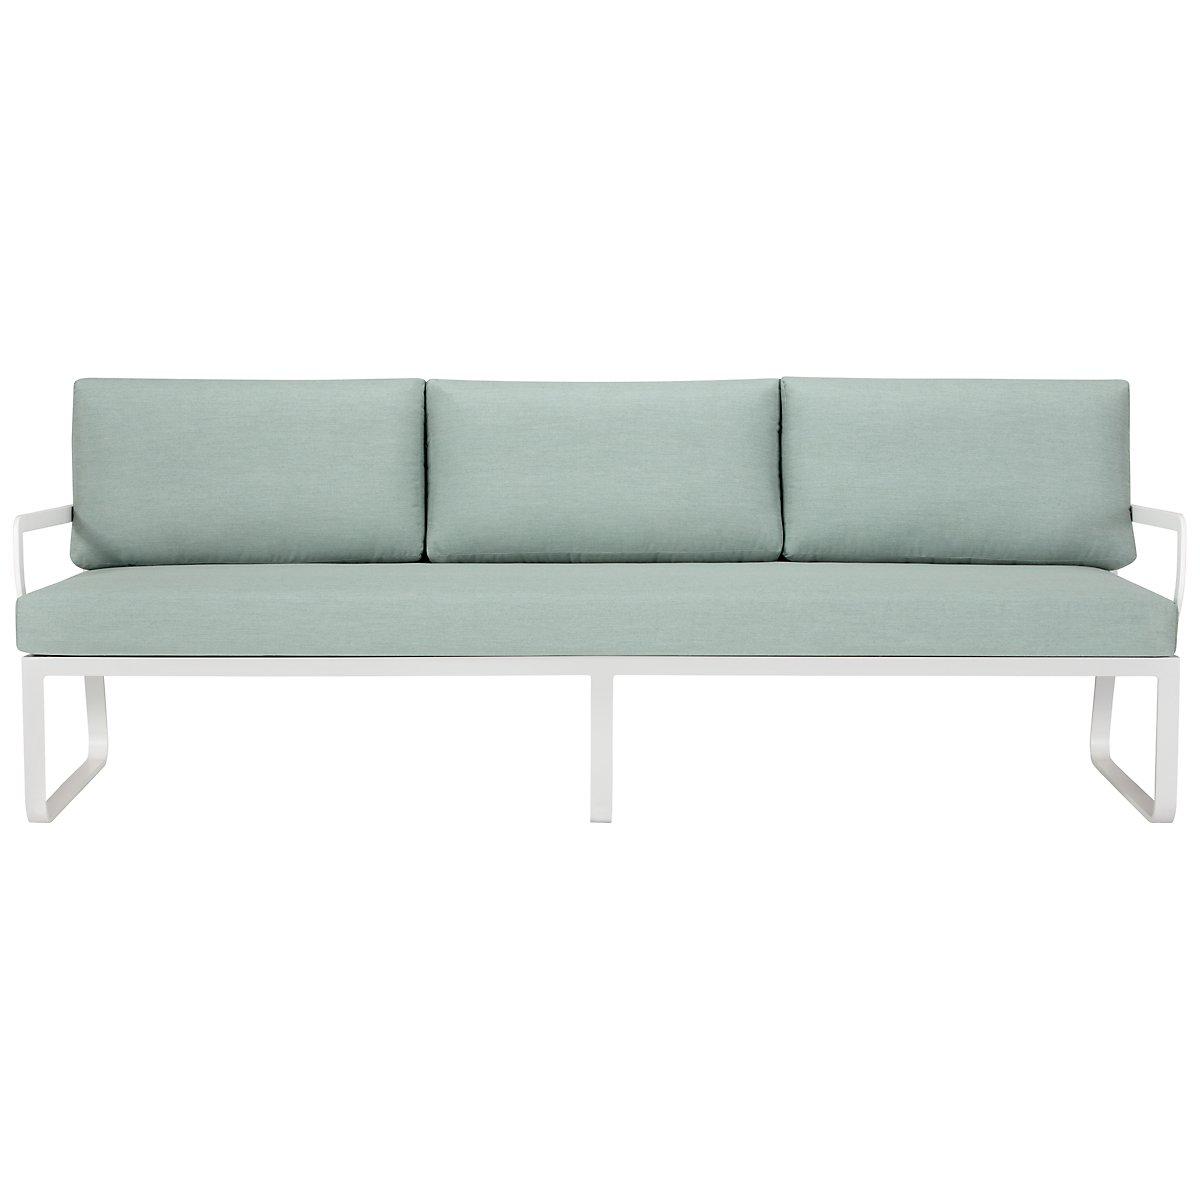 Ibiza Teal Sofa